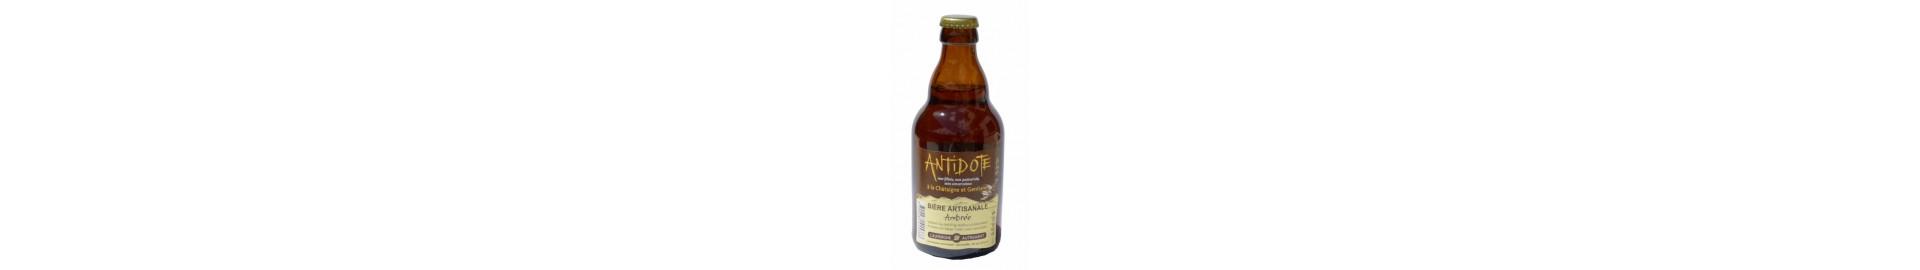 Bières artisanales d'Auvergne